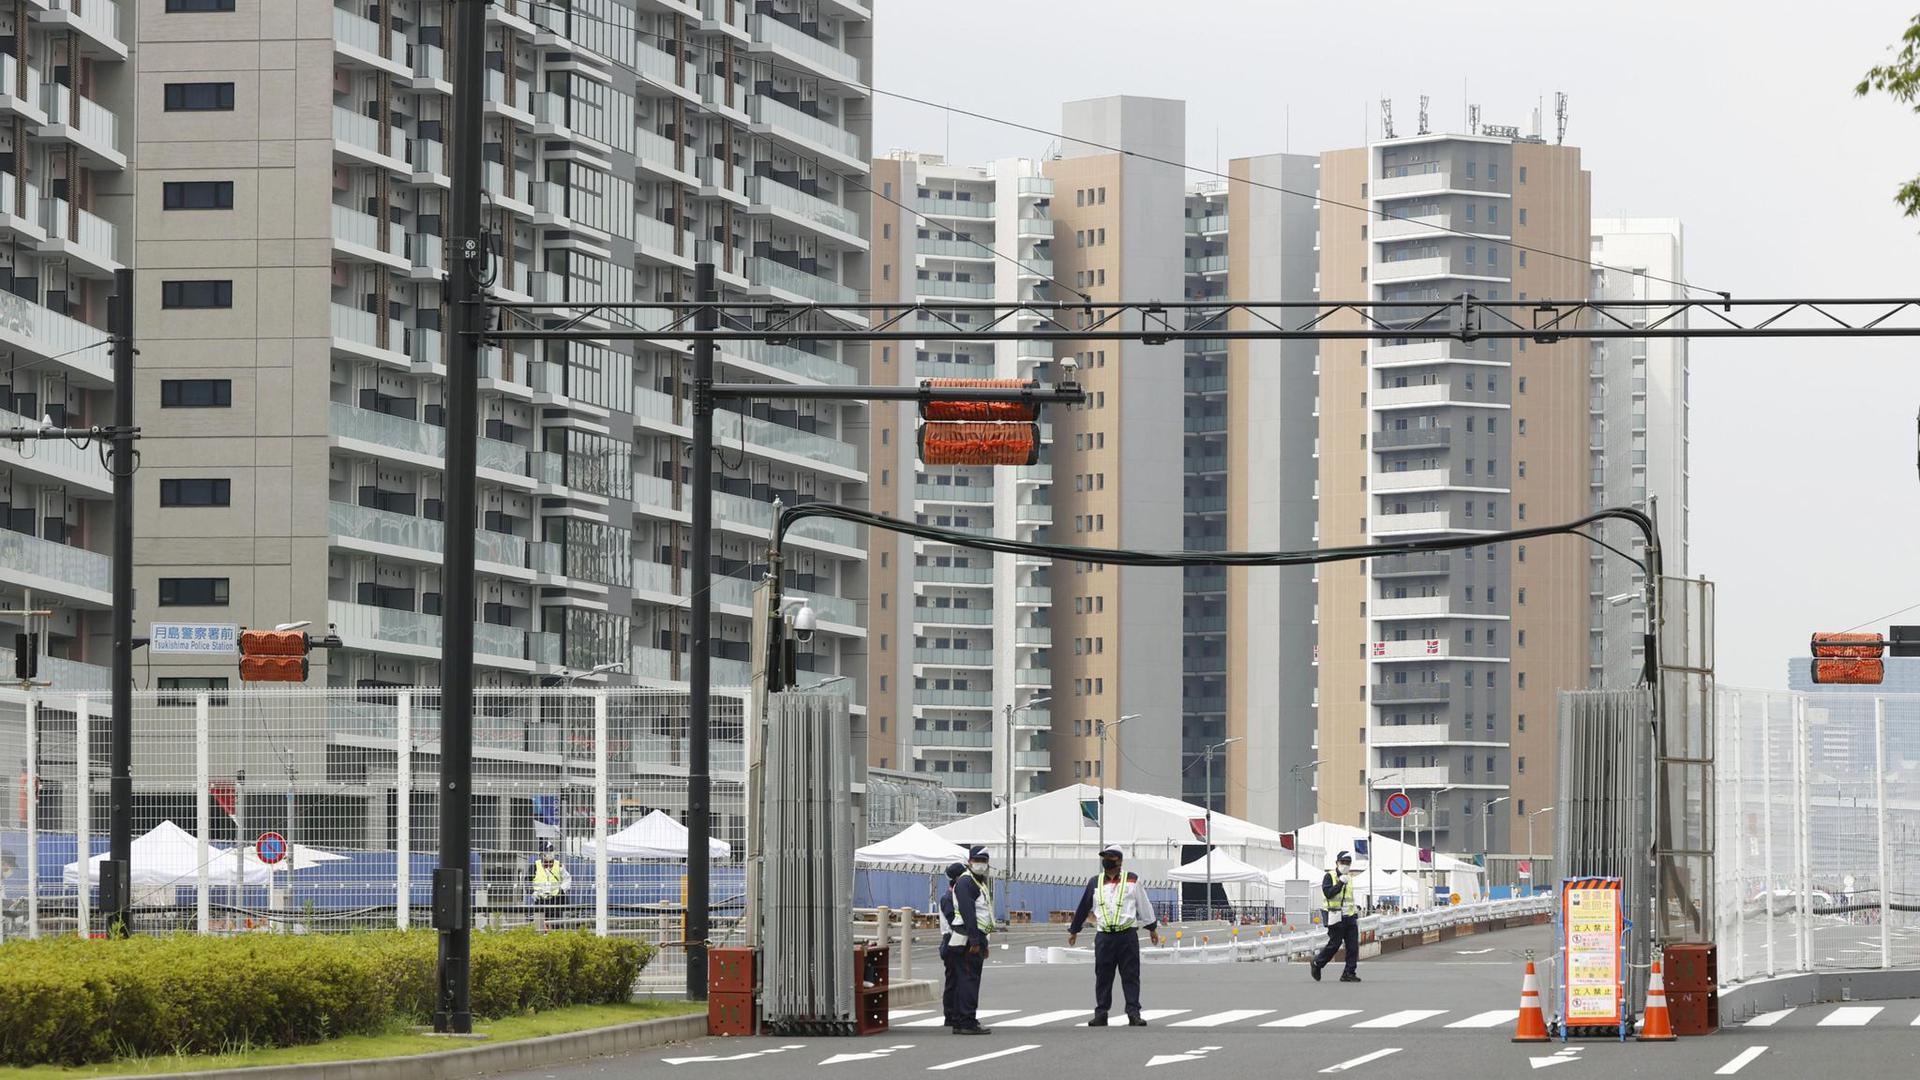 Das Athletendorf für die Olympischen Spiele in Tokio steht im Hafenviertel Harumi.